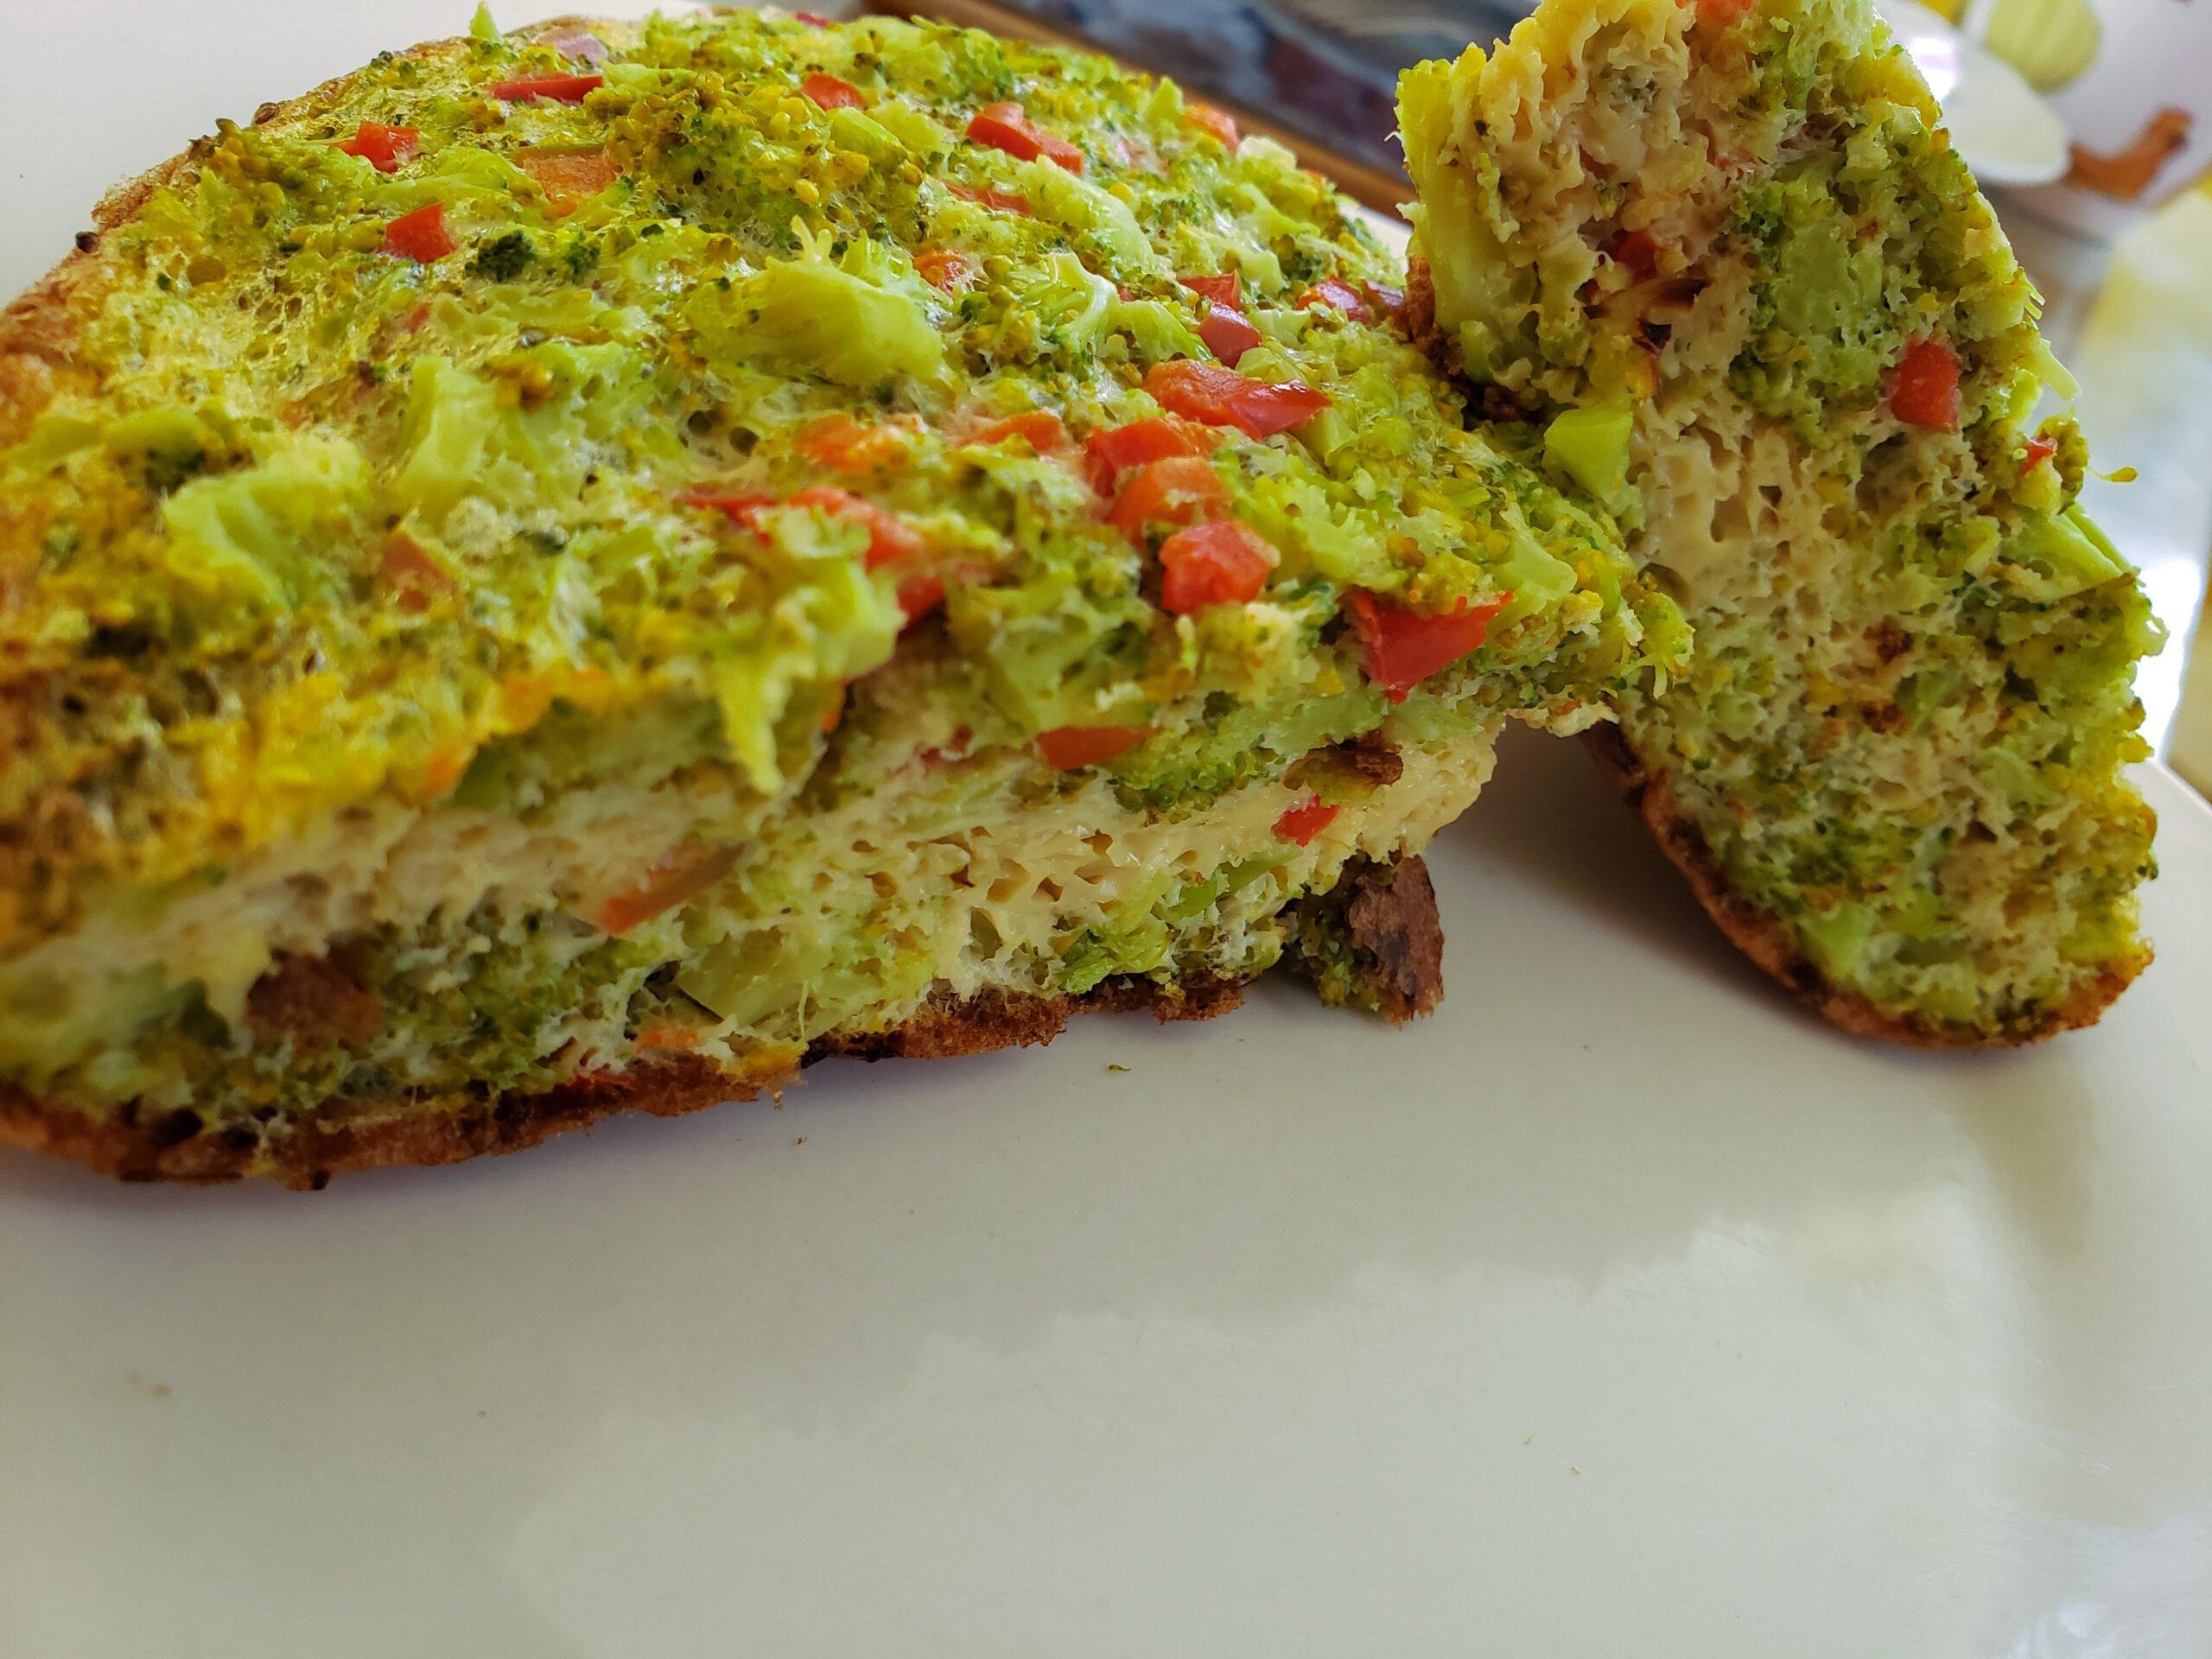 Receta del soufflé de brócoli de dkarolina.com